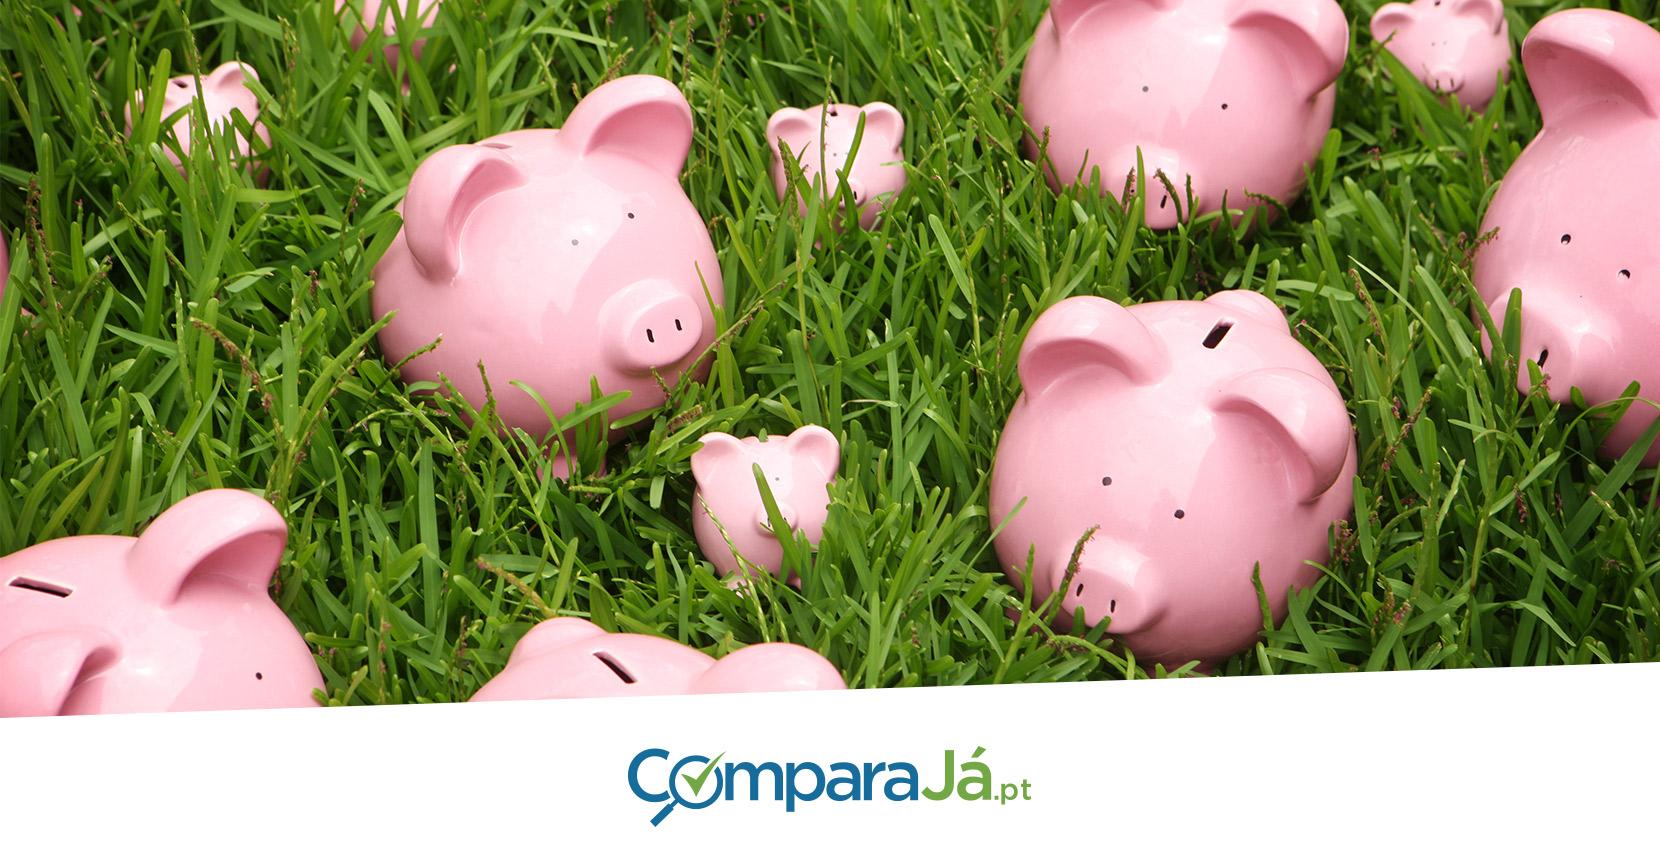 """Simulador de Crédito: ComparaJá.pt no """"Contas-Poupança"""""""